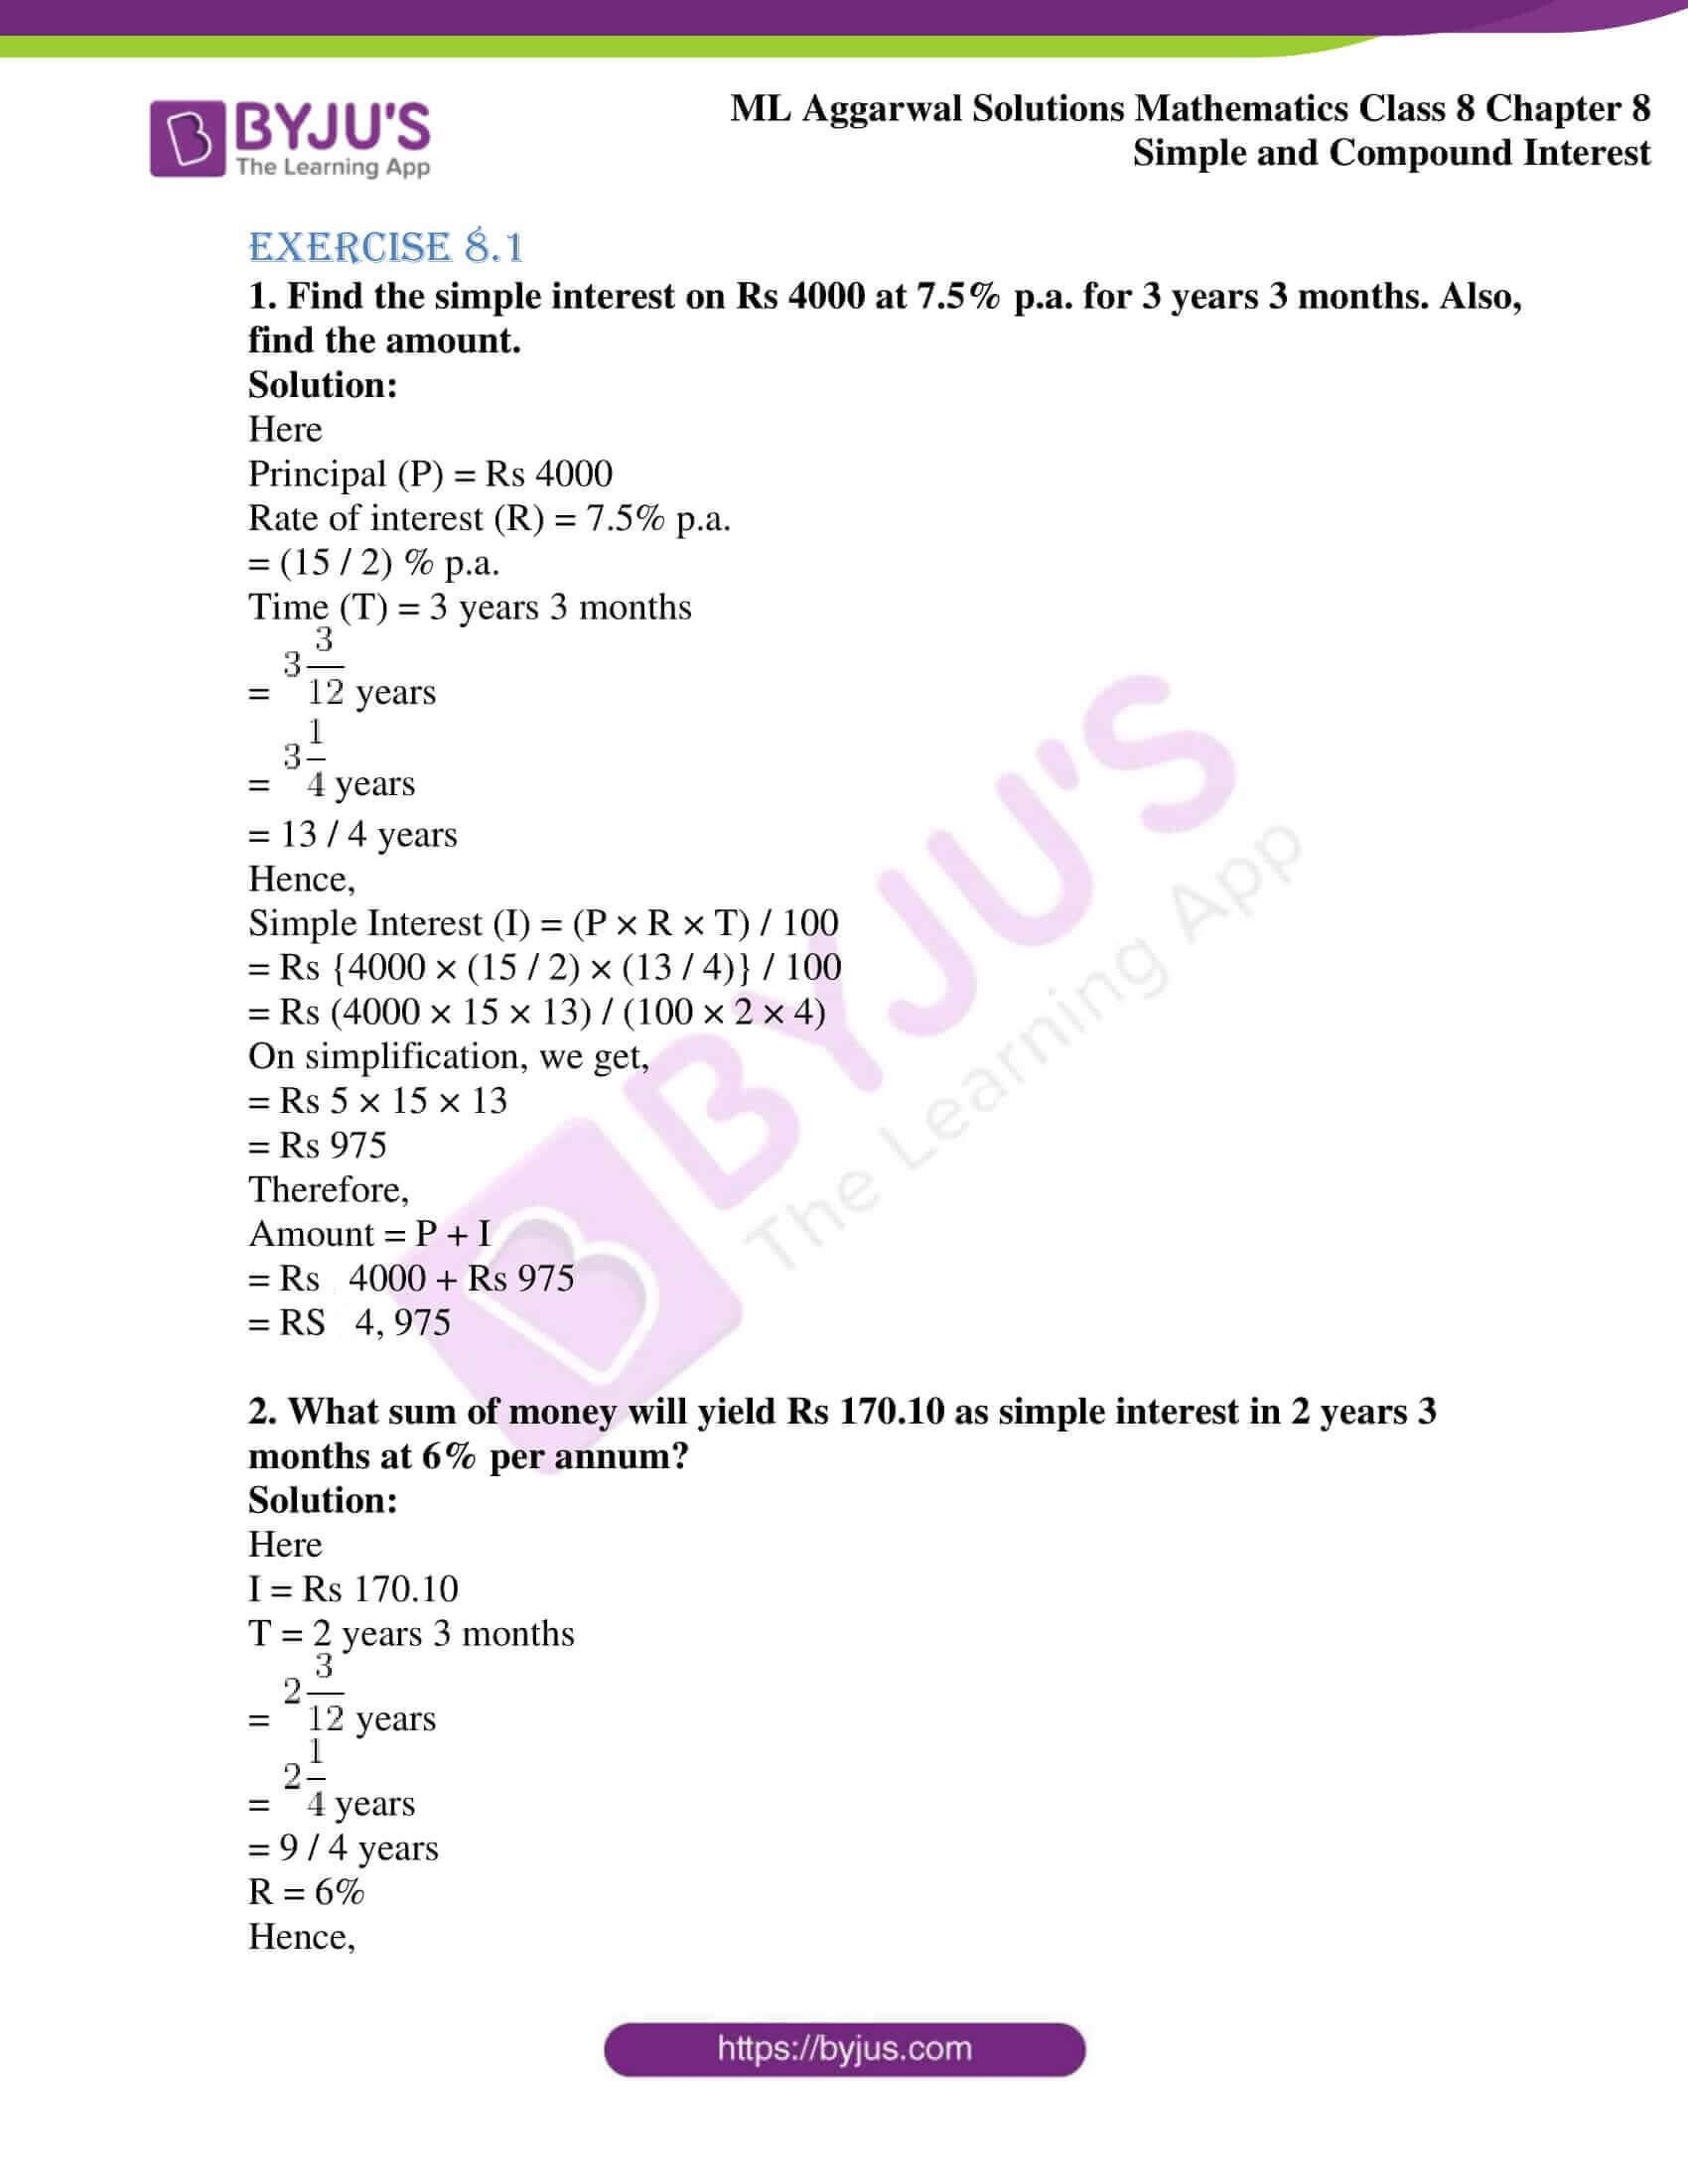 ml aggarwal sol mathematics class 8 ch 8 01